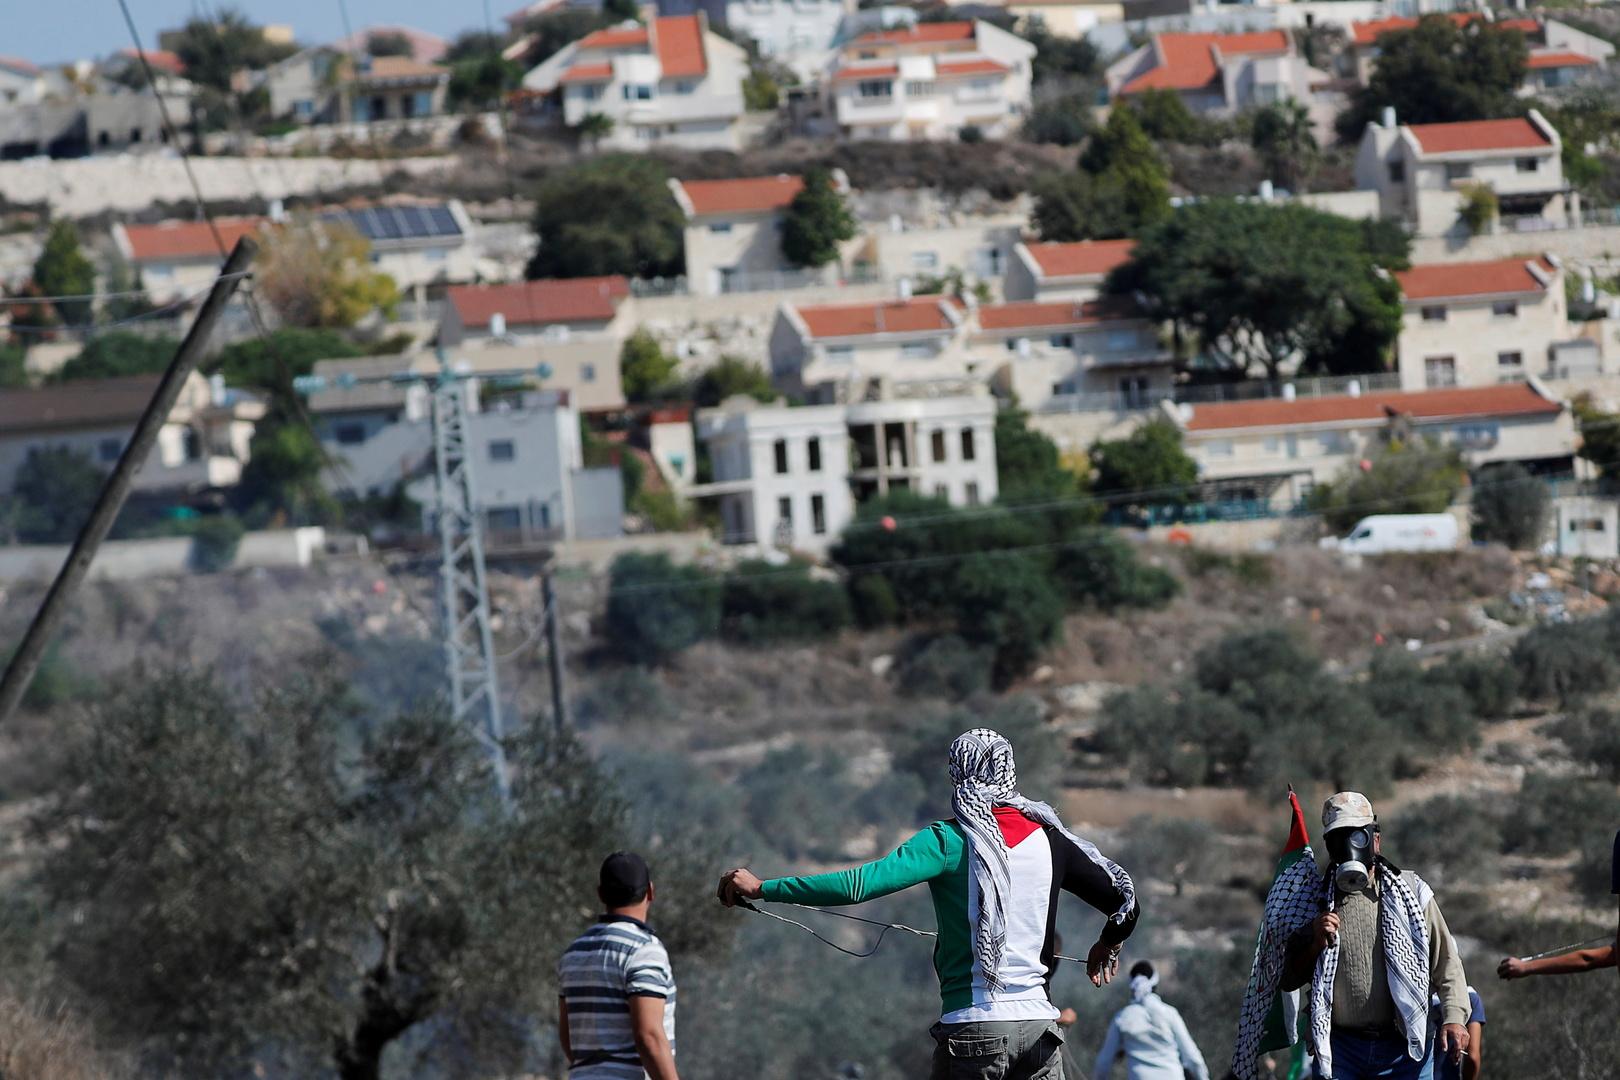 وزير الاستيطان الإسرائيلي يطالب بعدم المصادقة على مشاريع بناء فلسطينية في مناطق C